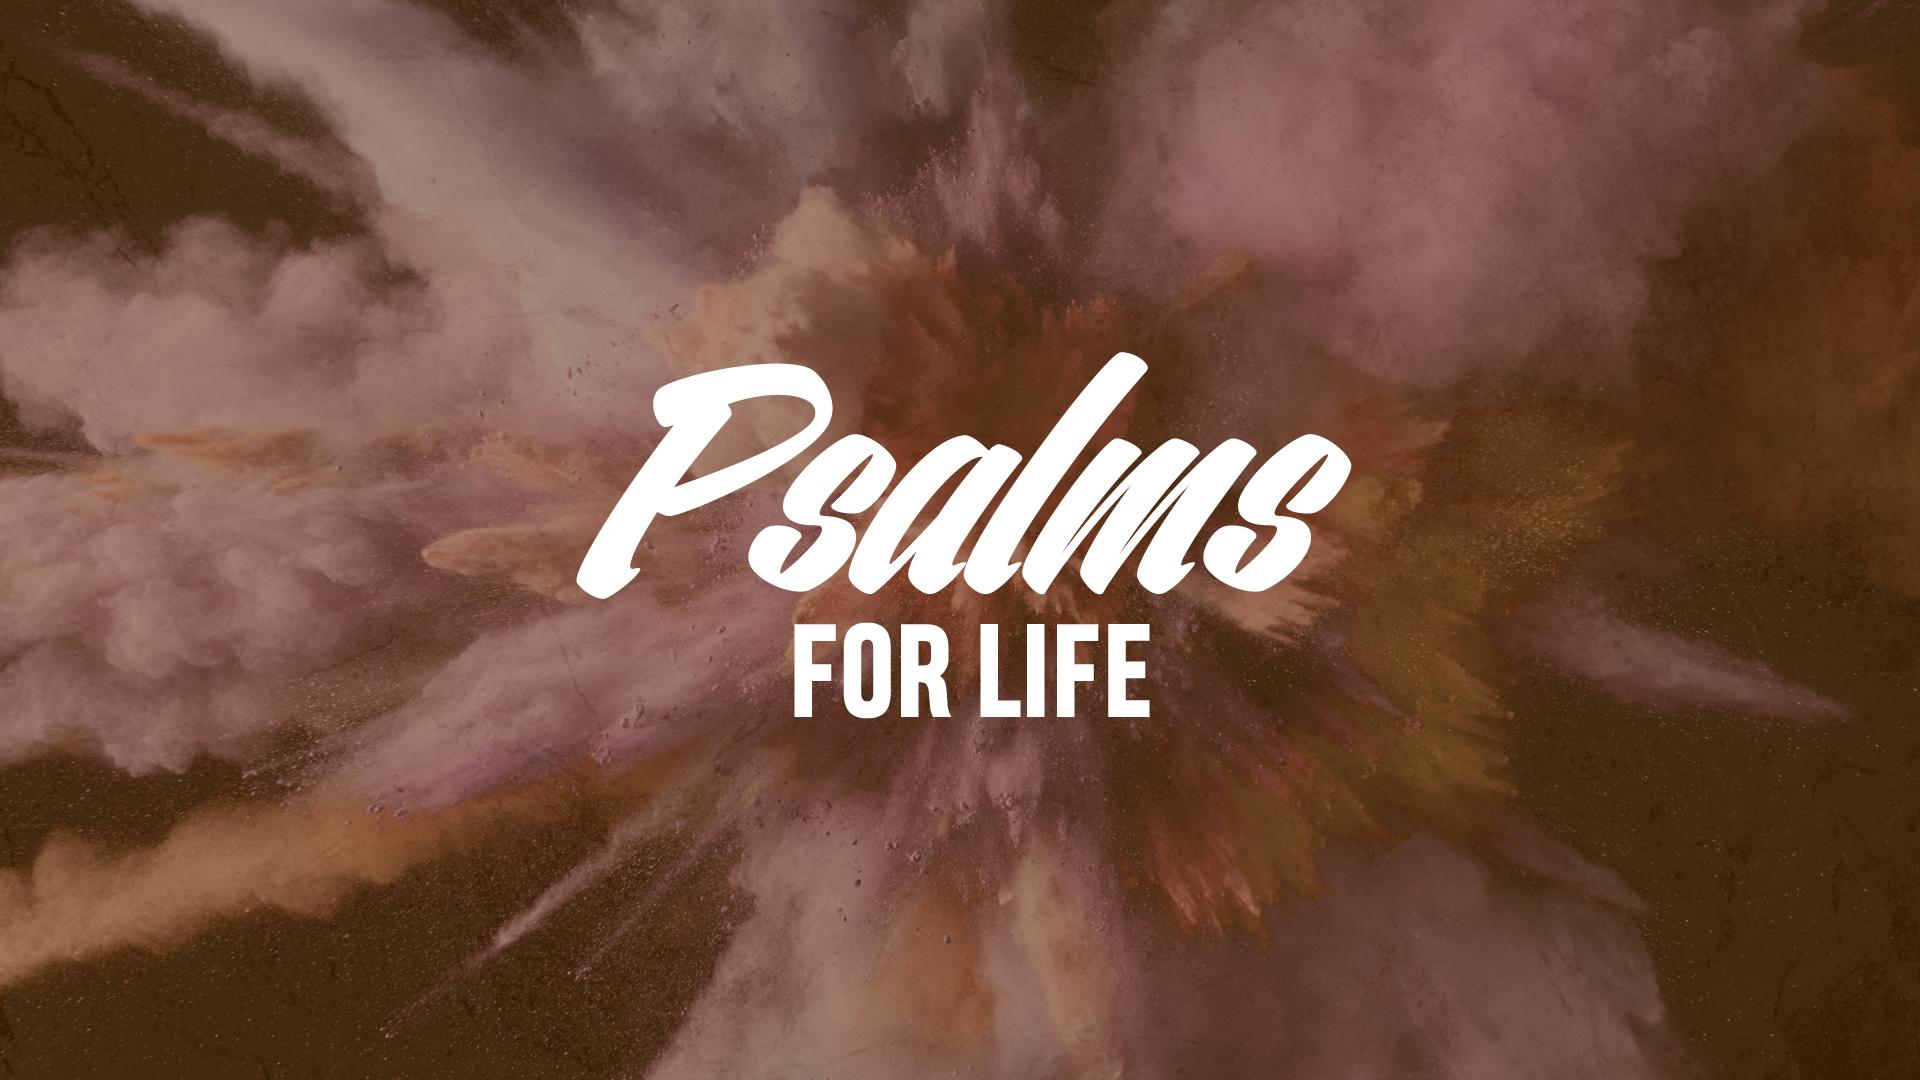 Psalms for Life2.jpg